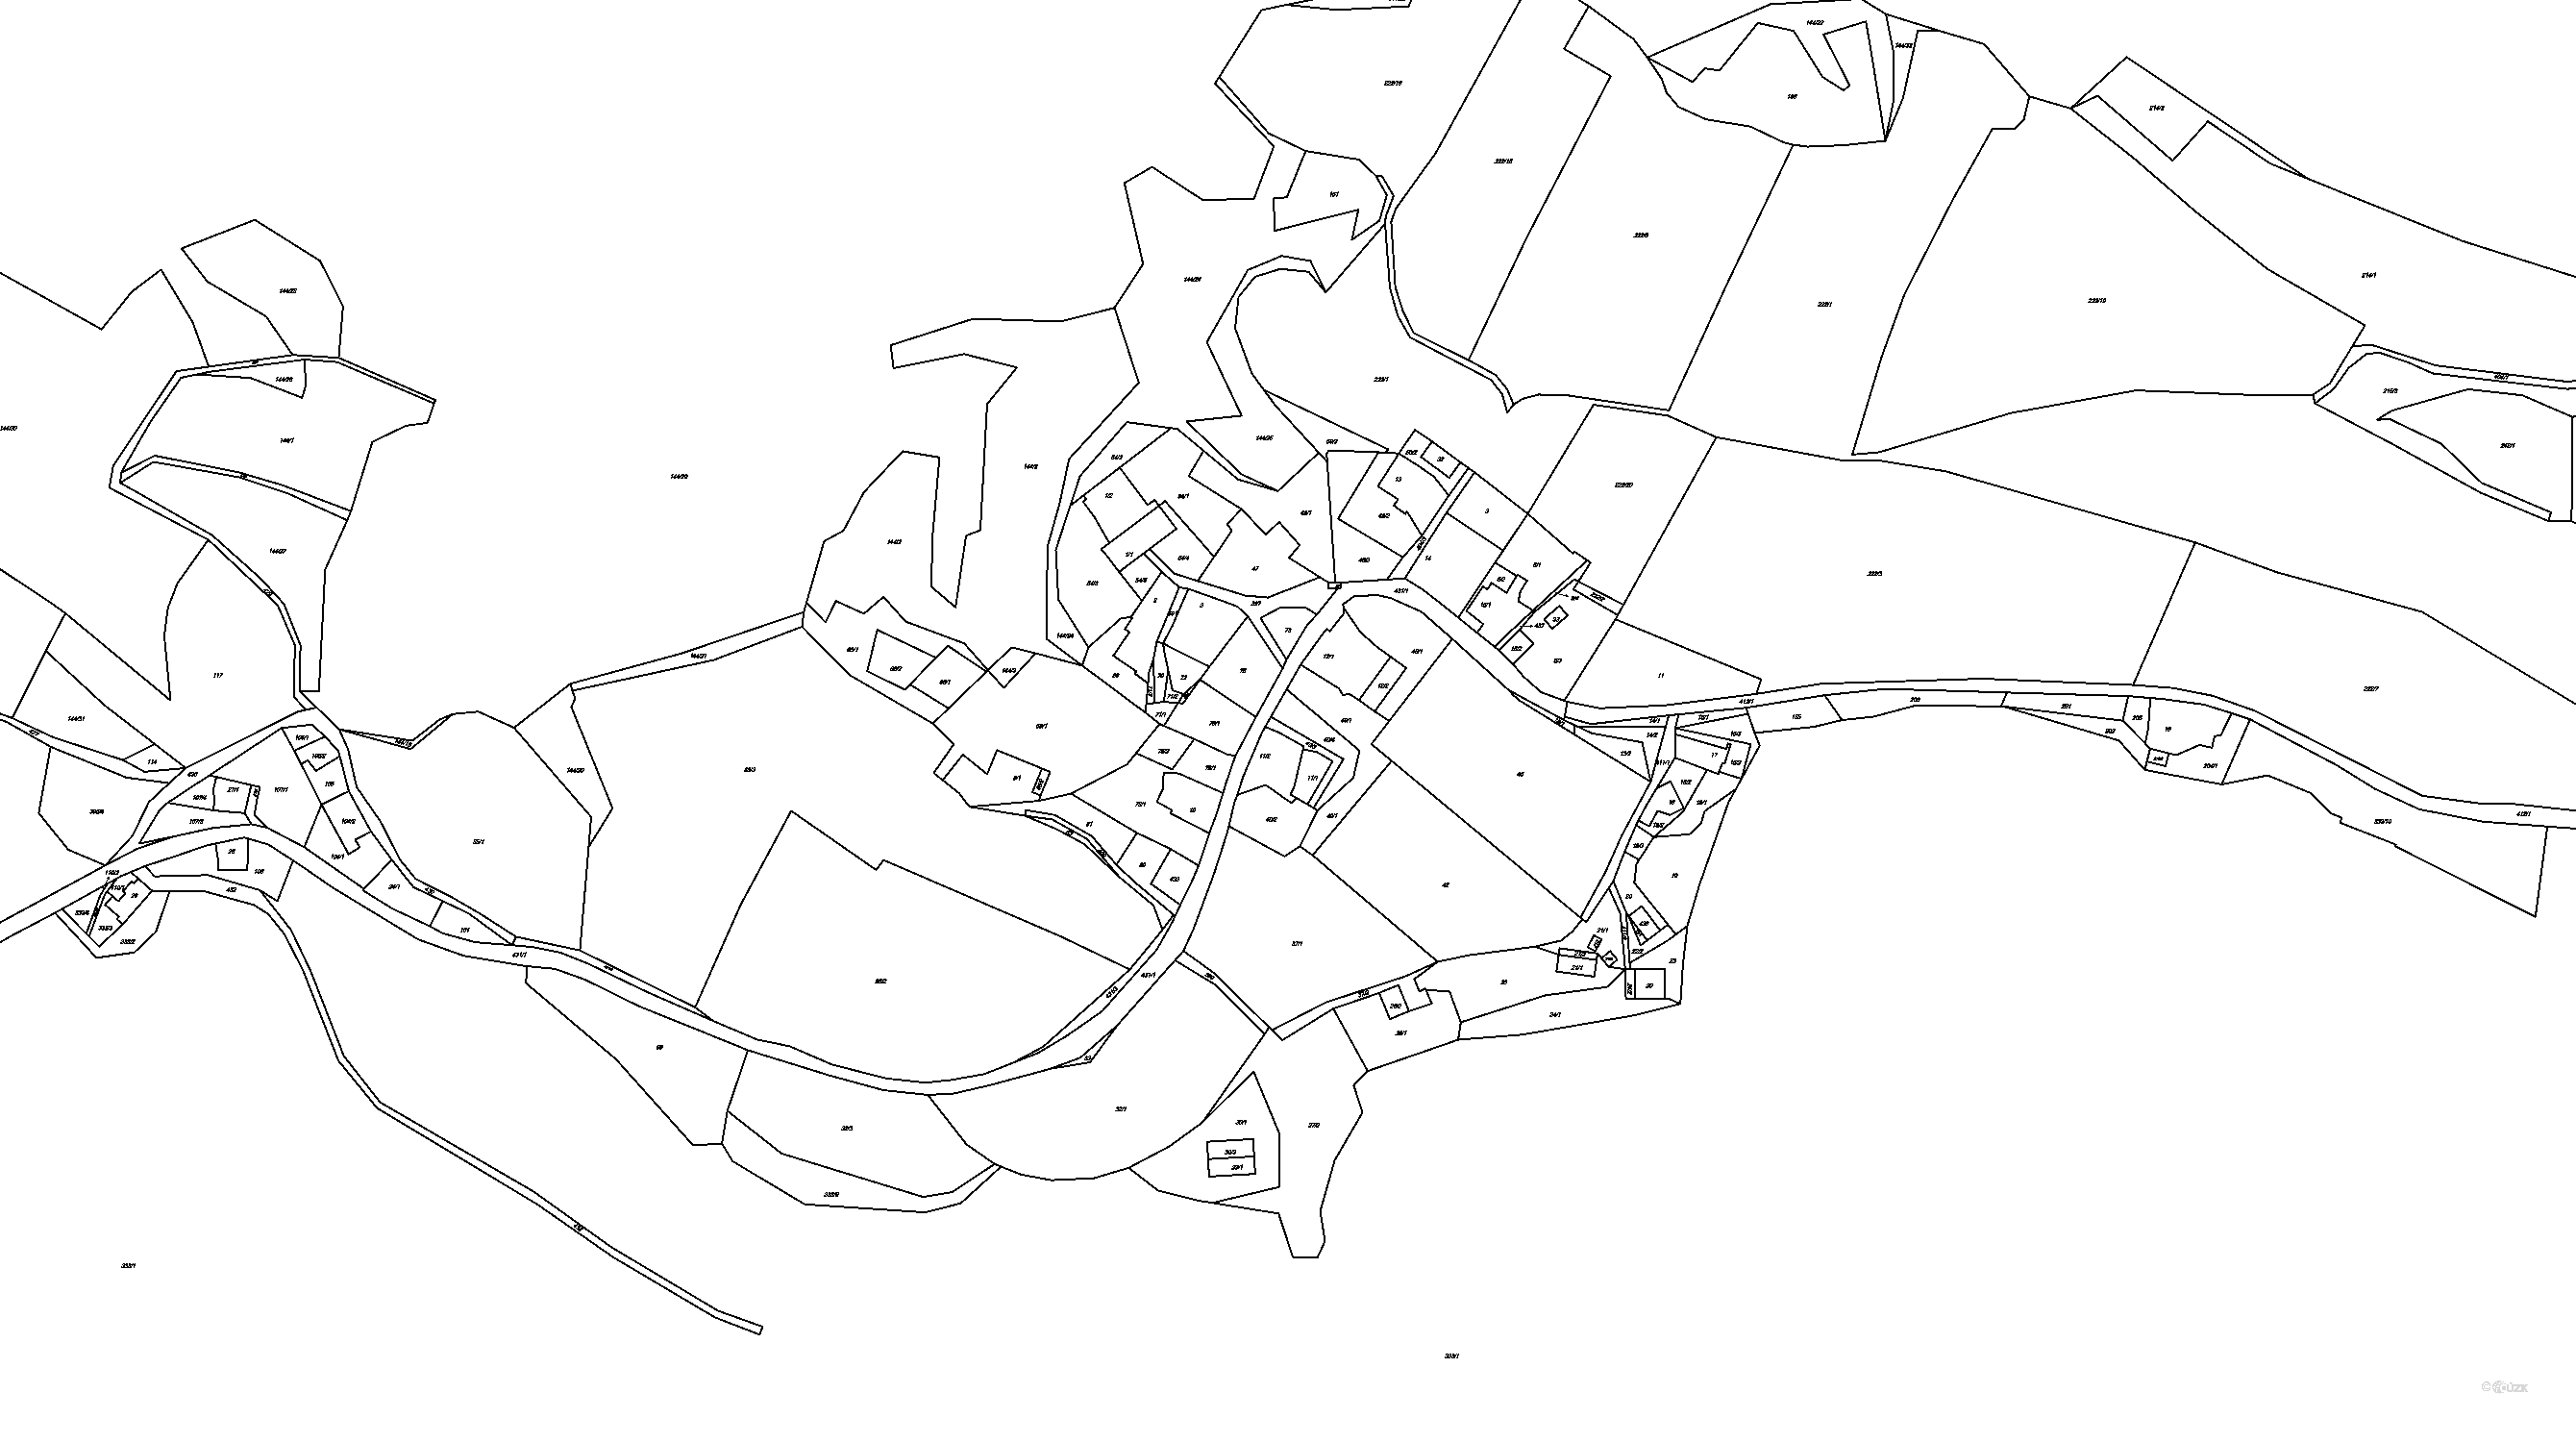 Katastrální mapa pozemků a čísla parcel Vojetín